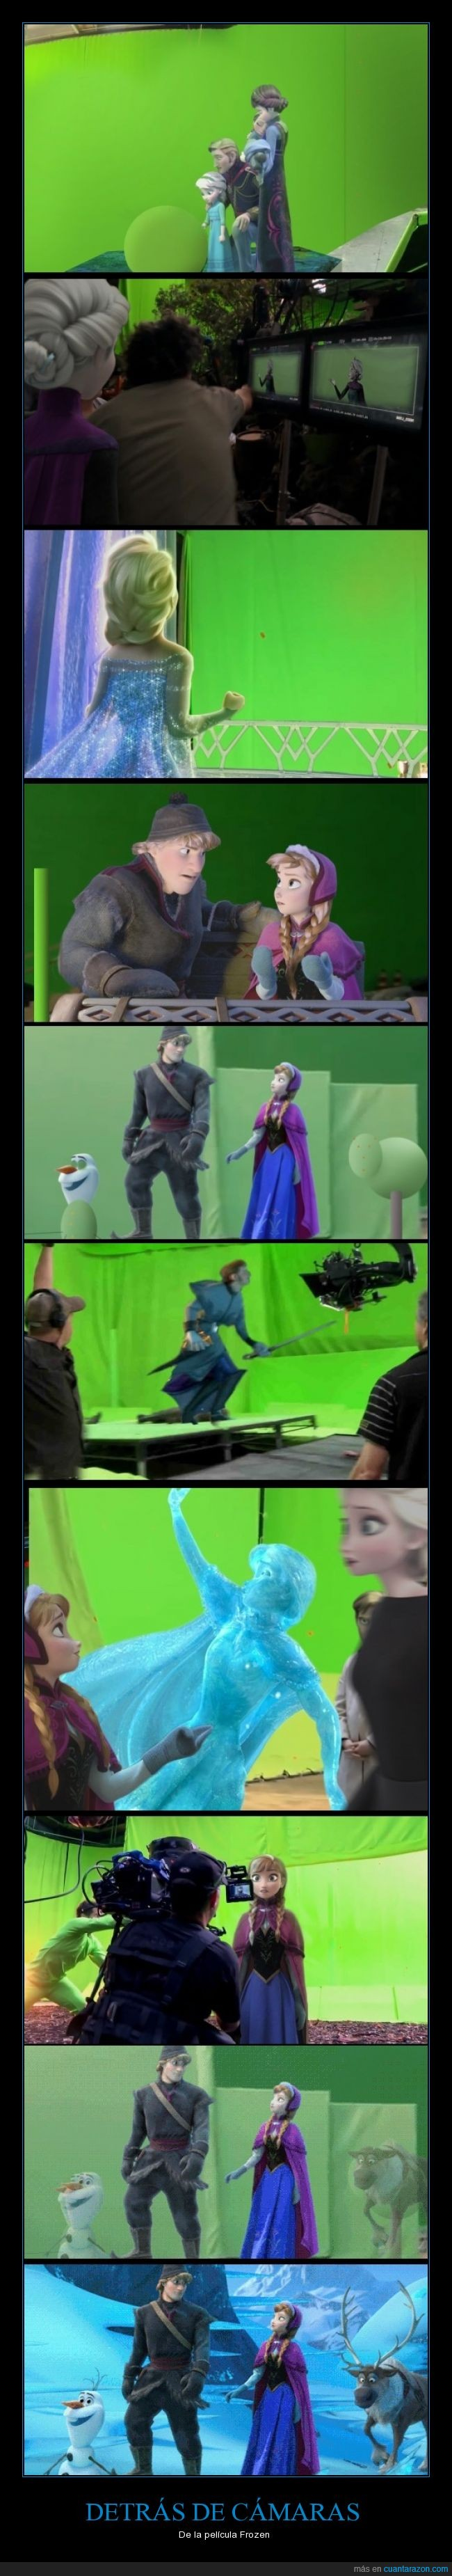 Anna,chroma,croma,delante,Disney,efectos especiales,Elsa,frozen,obviamente es una parodia